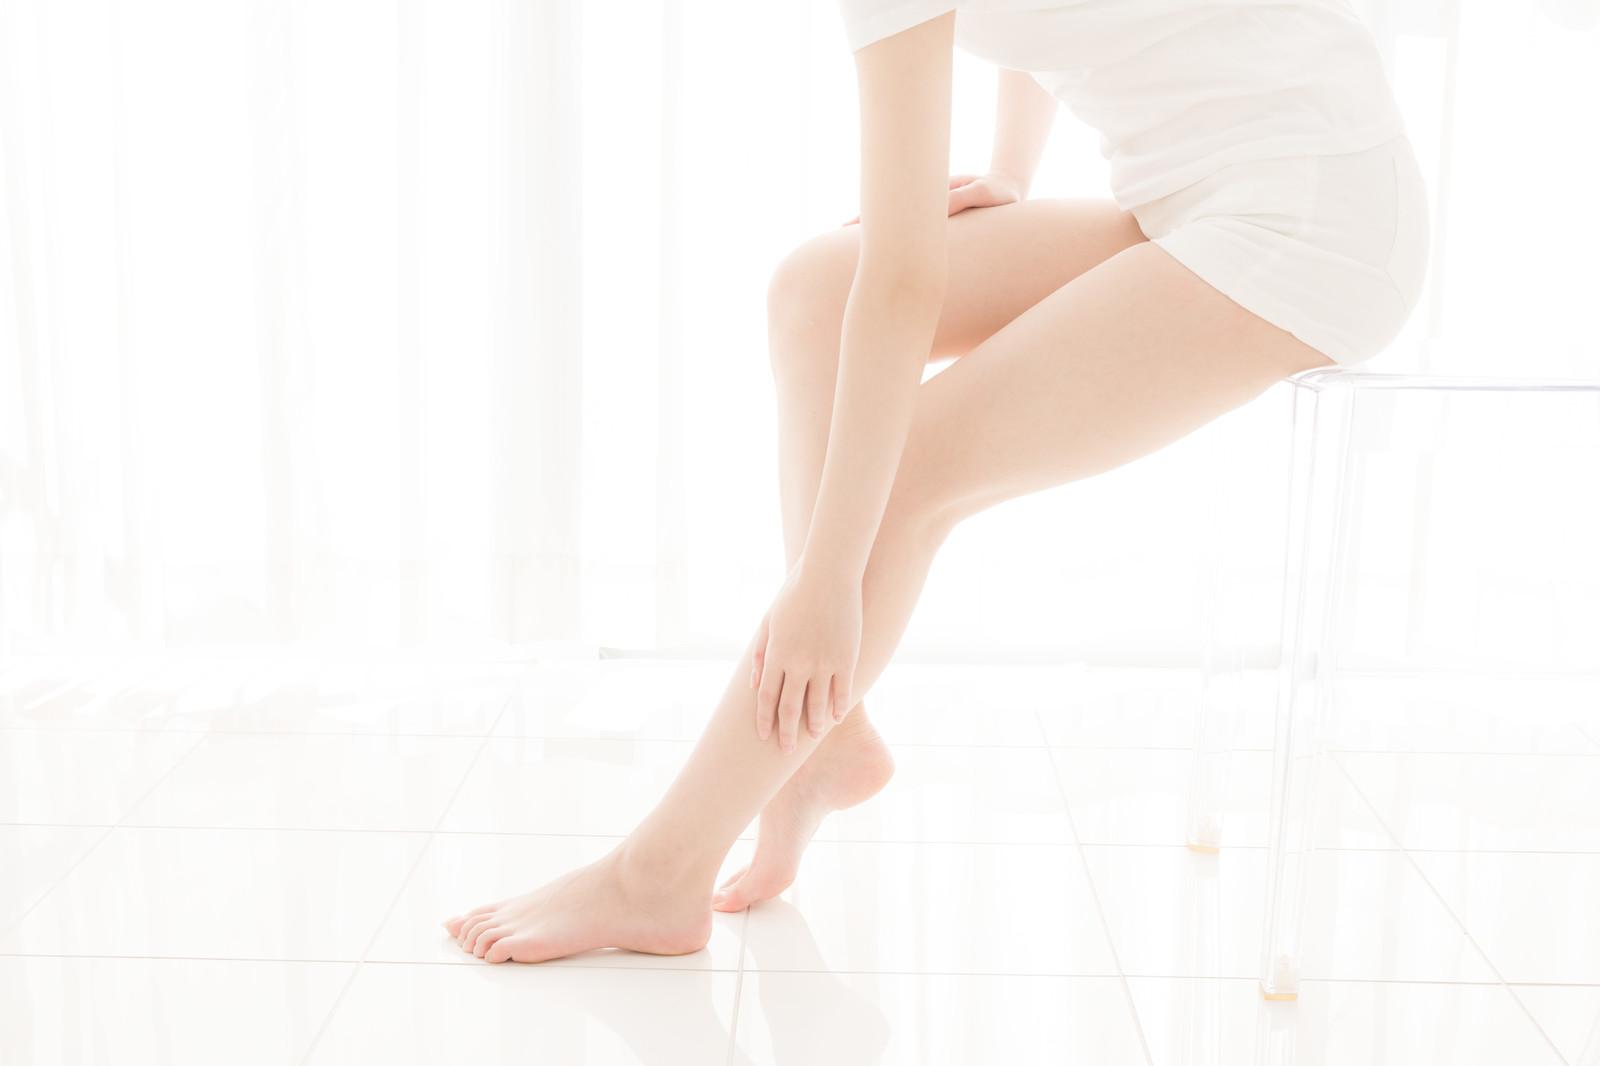 履くだけで美脚効果のあるダイエットスリッパおすすめランキング7選